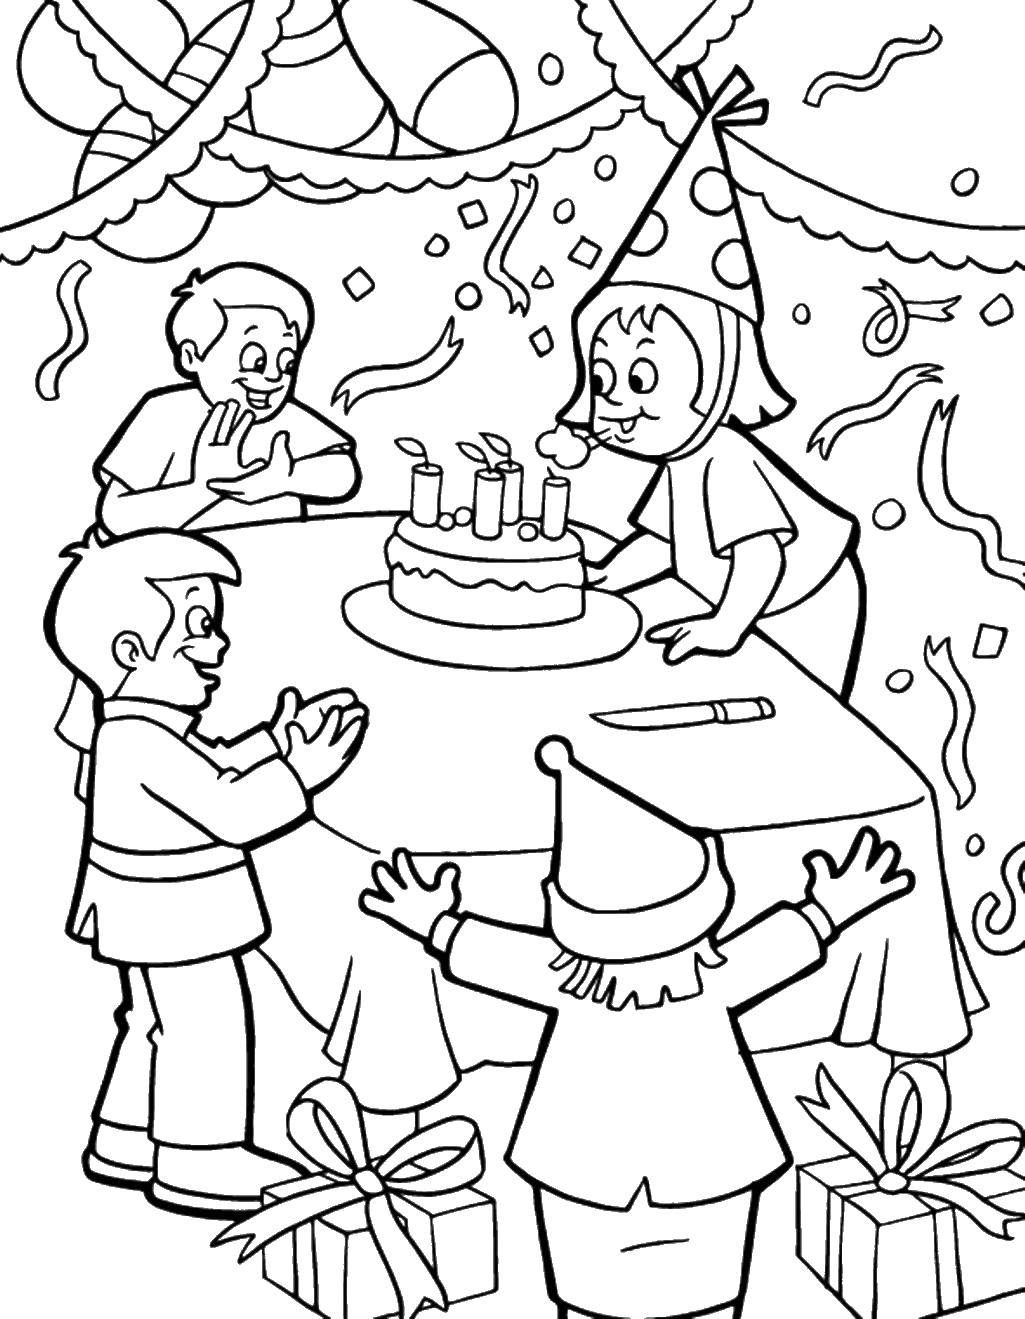 Раскраска день рождения Скачать .  Распечатать